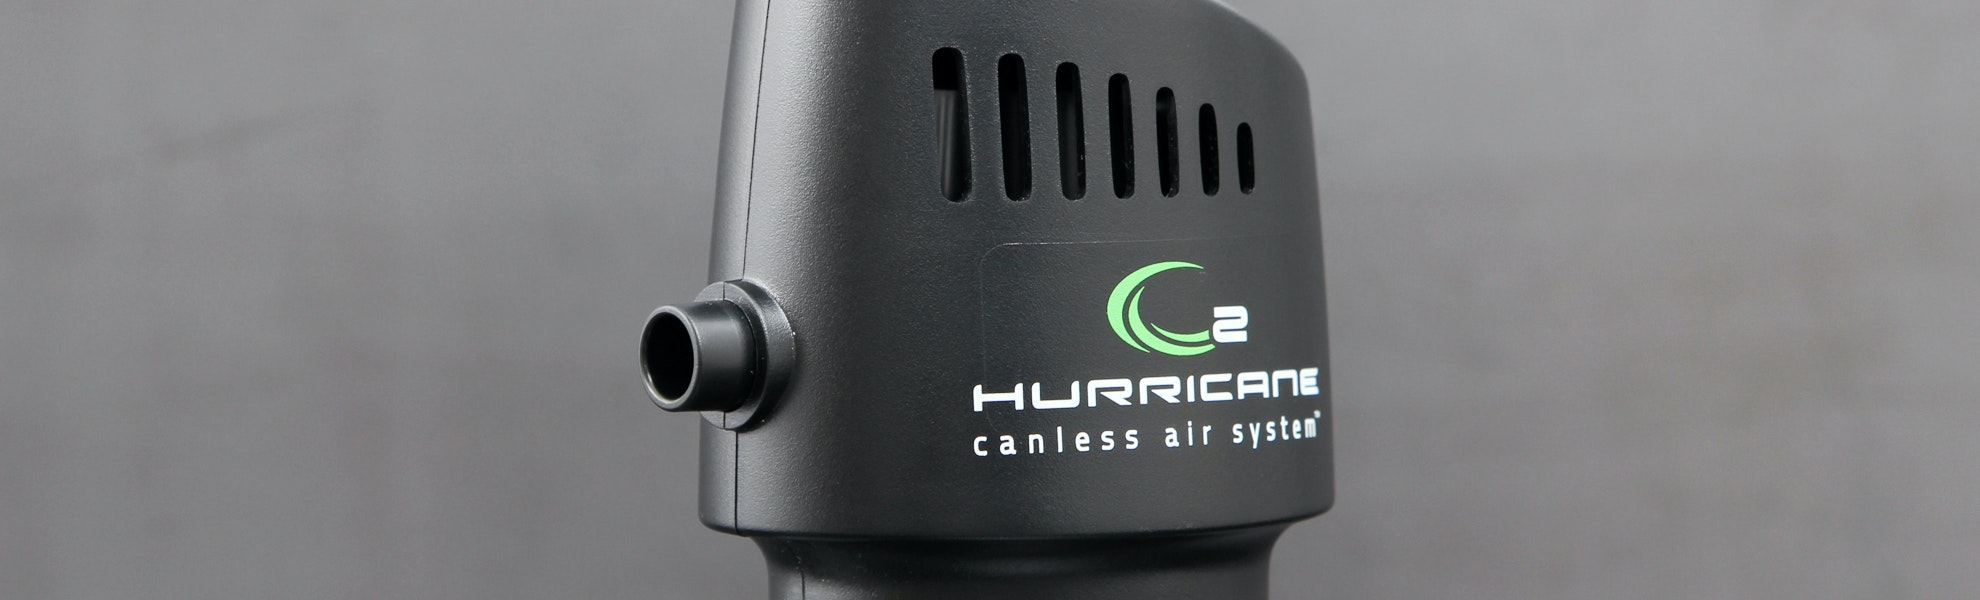 O2 Hurricane Industrial Canless Air